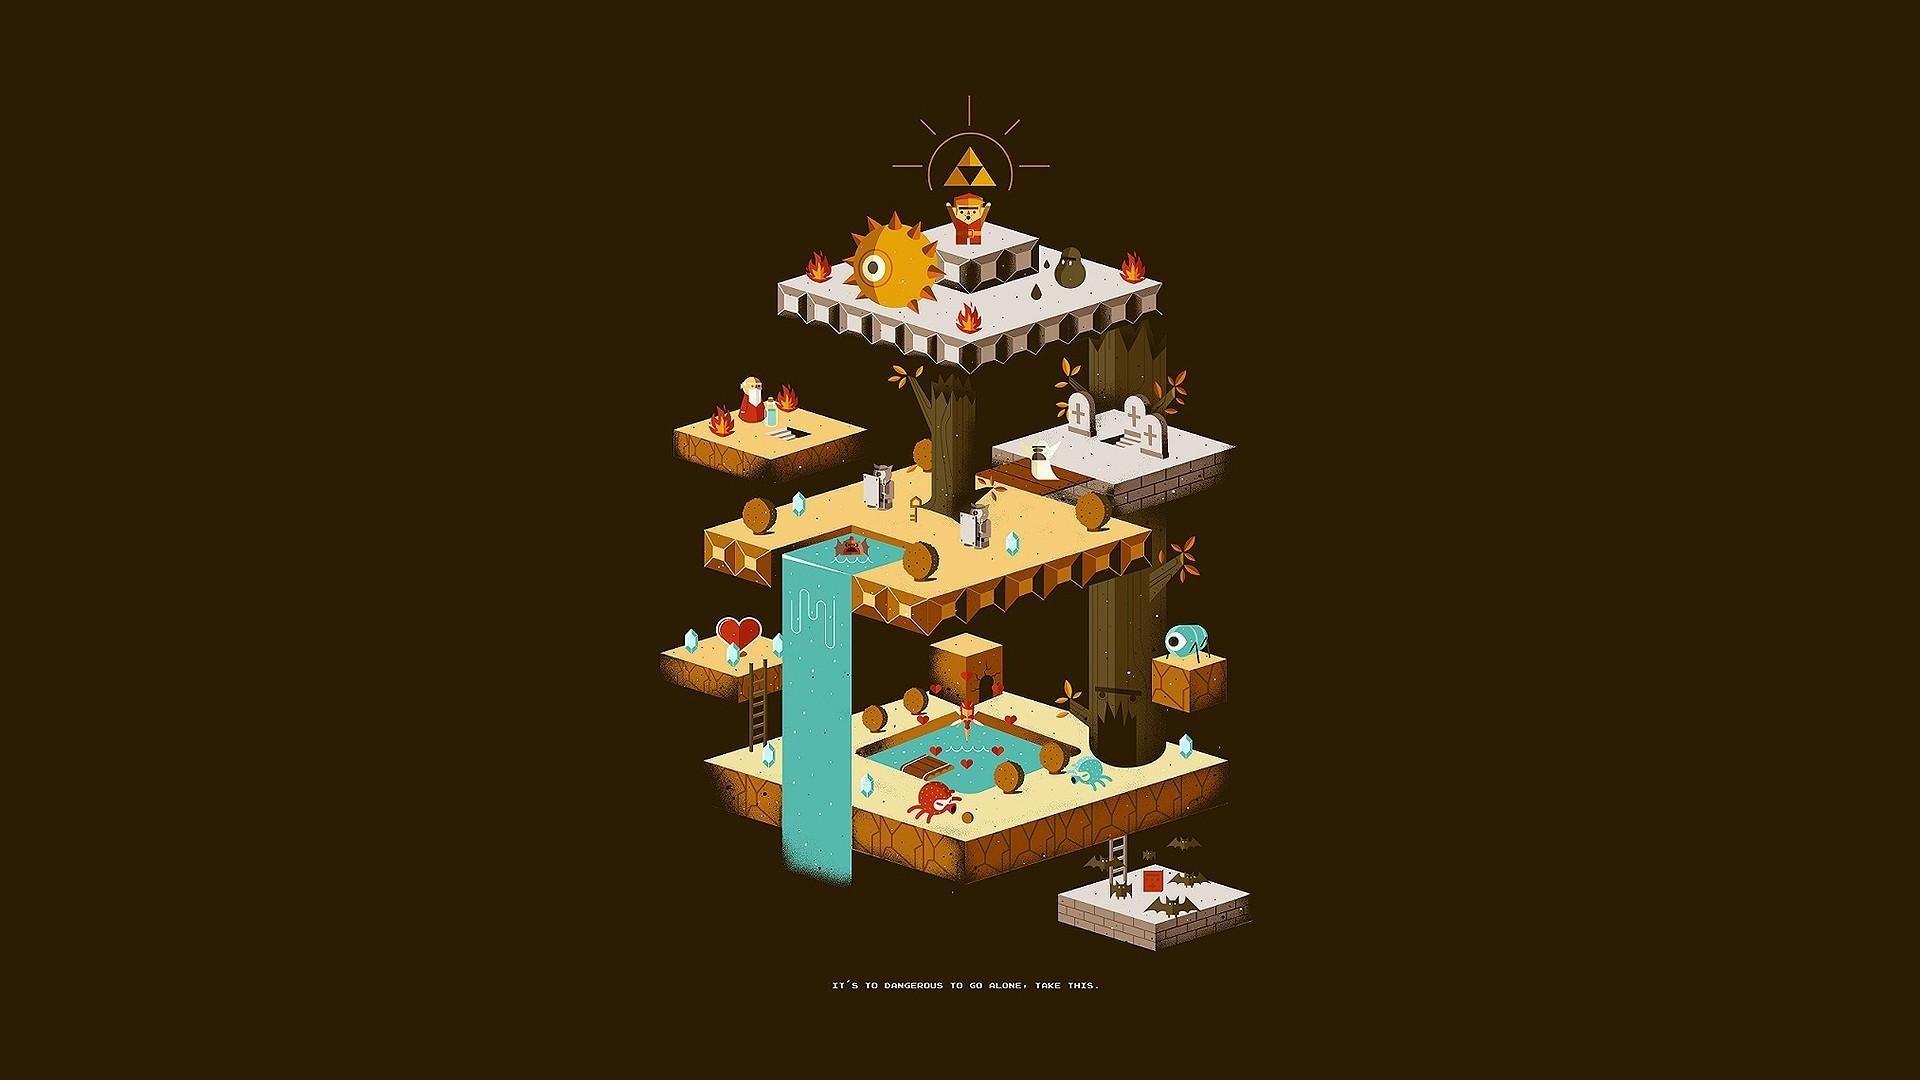 The-Legend-of-Zelda-Desktop-Wallpaper-HD